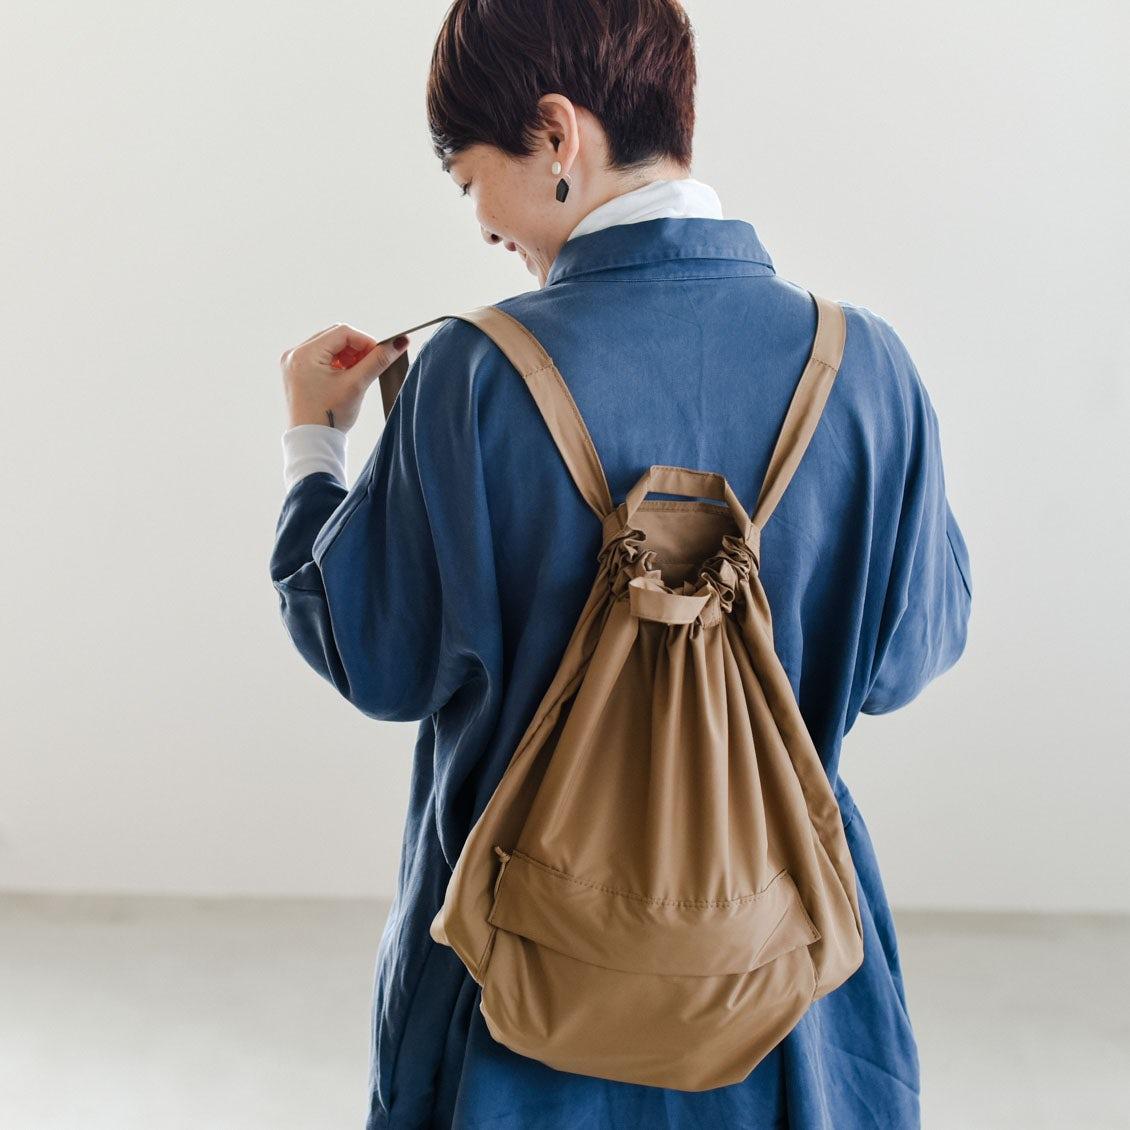 【着用レビュー特大号】NORMALLYのバッグ、どう使う?6名のスタッフに聞いてみました